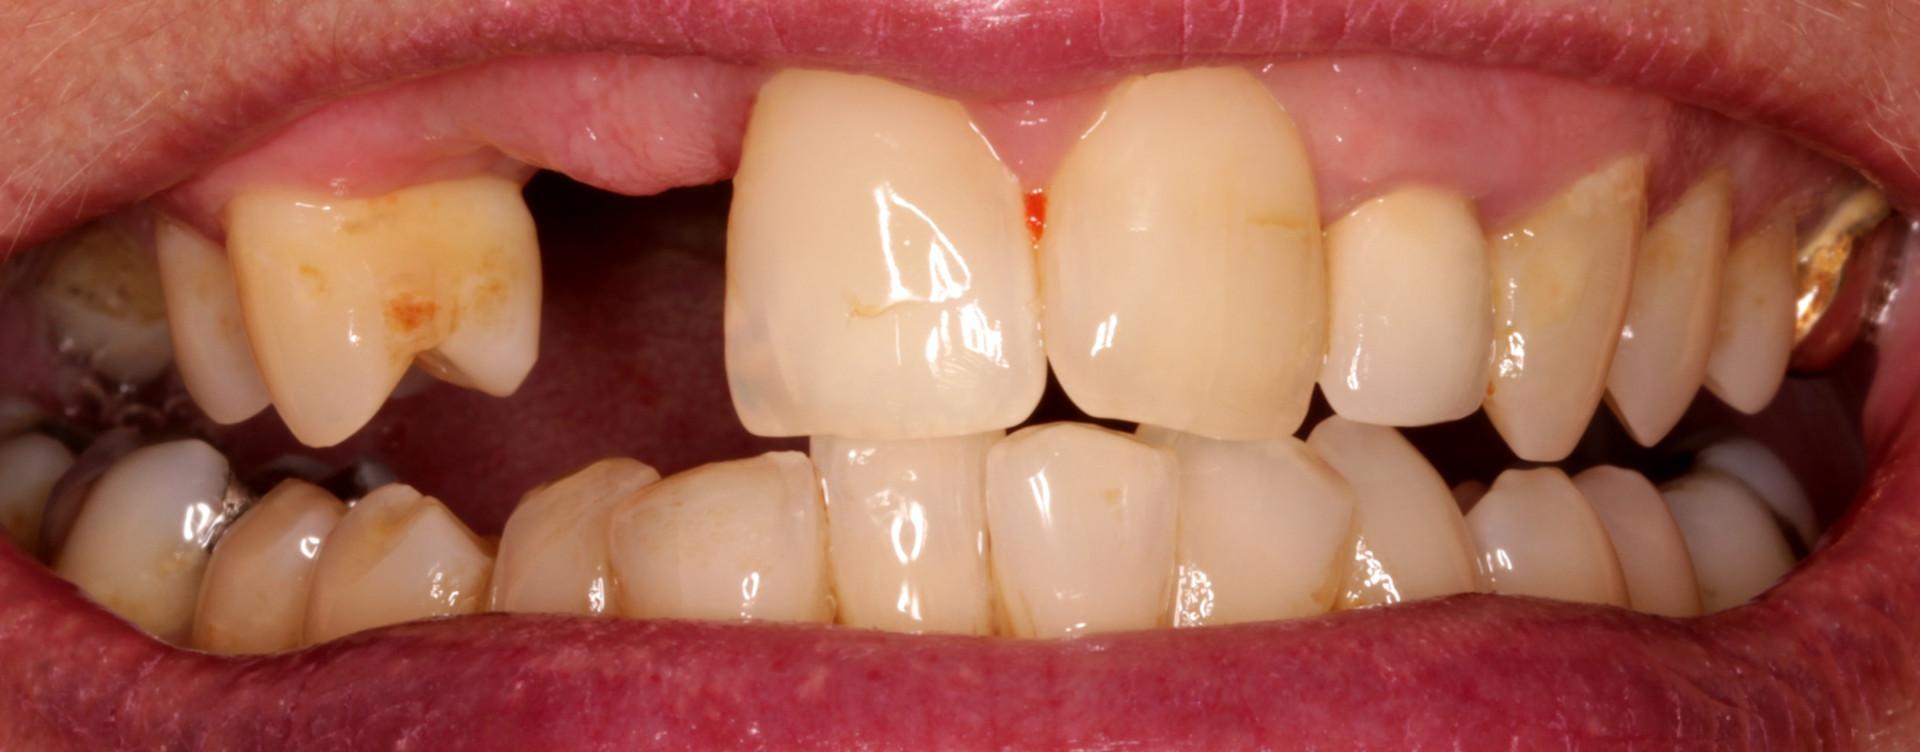 Two Teeth Missing